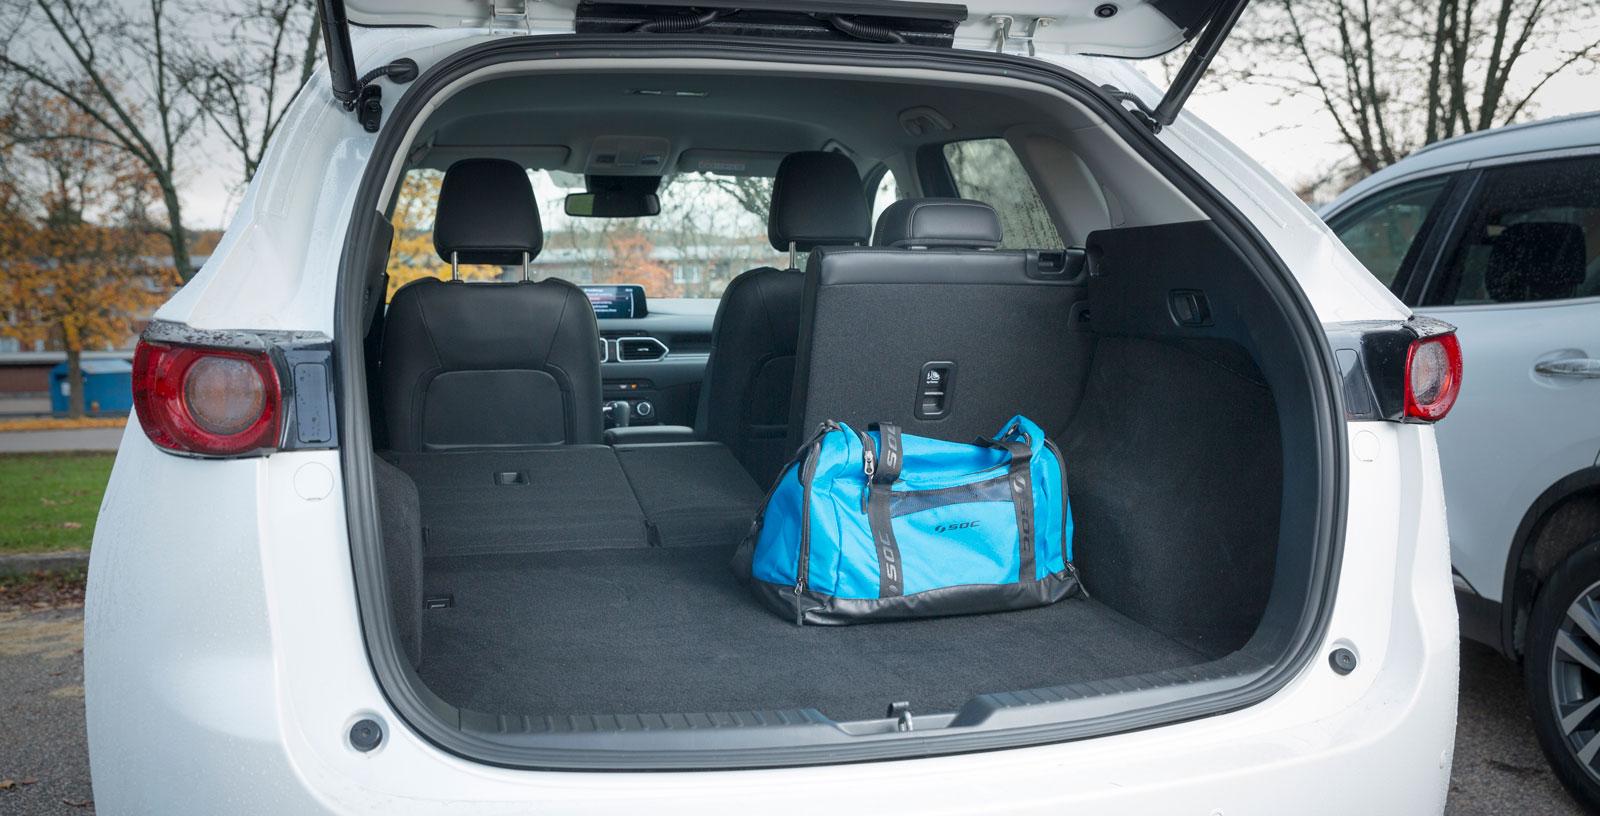 Alla tre har elektriskt manövrerad baklucka. Mazda CX-5 har visserligen kortare yttermått än både Nissan och Renault. Ändå har CX-5 längst bagageutrymme, både med uppfällt och nedfällt baksäte. Vi får också in flest drickabackar i Mazda trots att volymen enligt VDA är mindre än i de två andra bilarna.